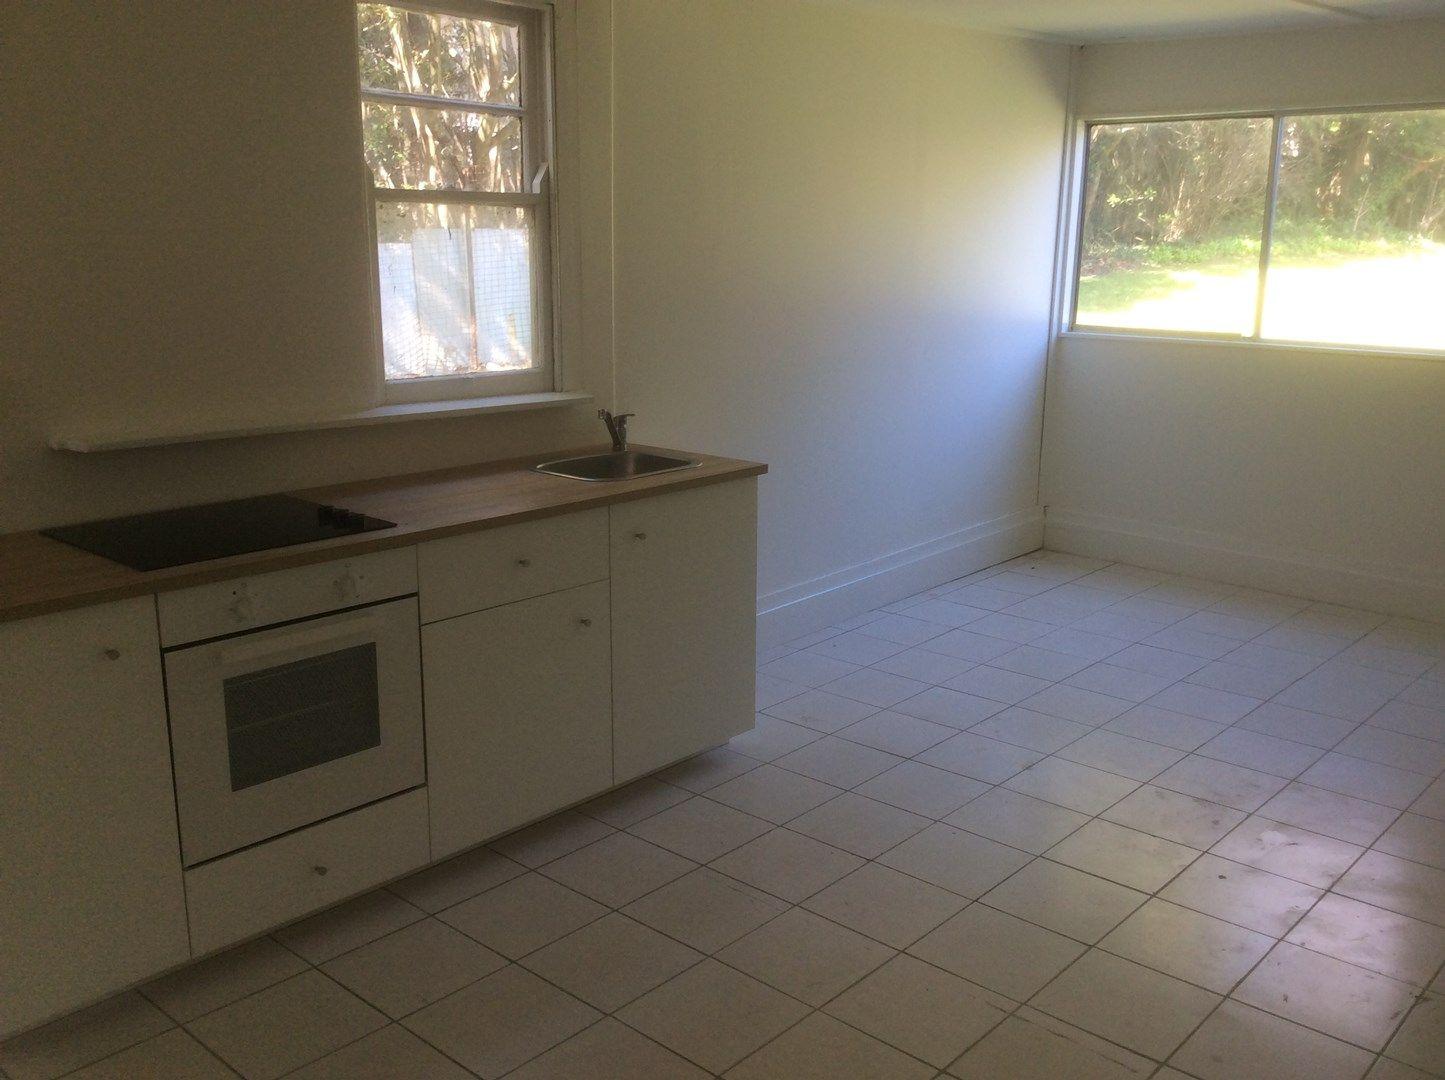 2/250 Bathurst Road, Katoomba NSW 2780, Image 0